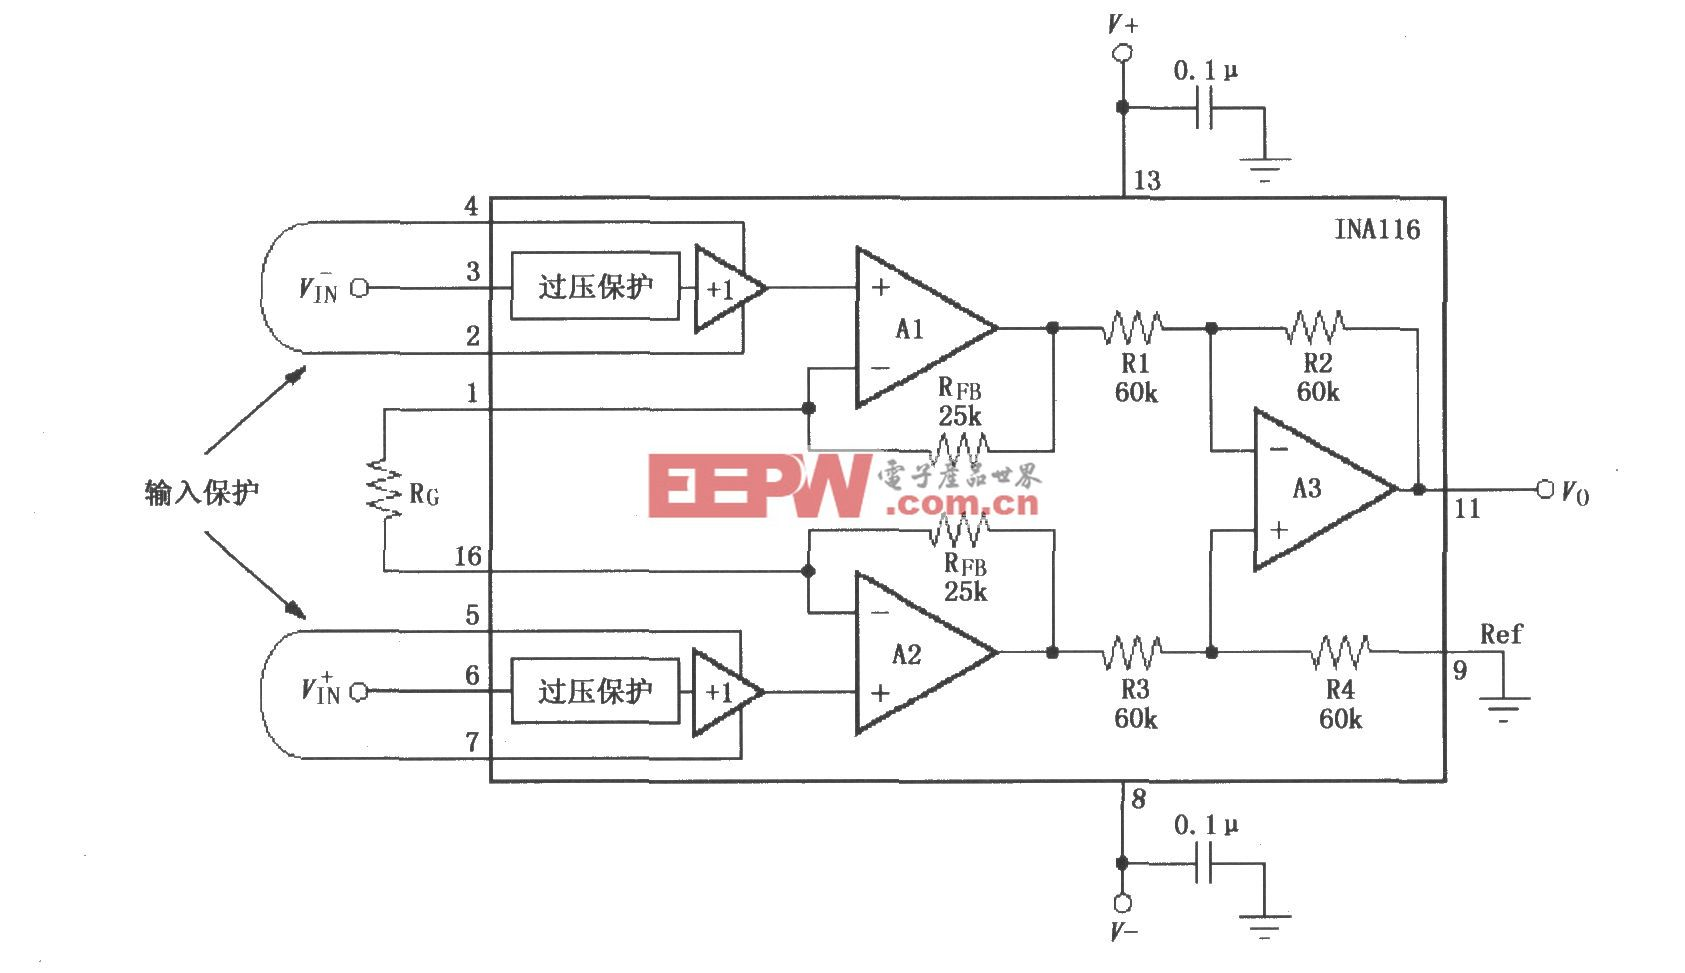 INA116基本连接电路